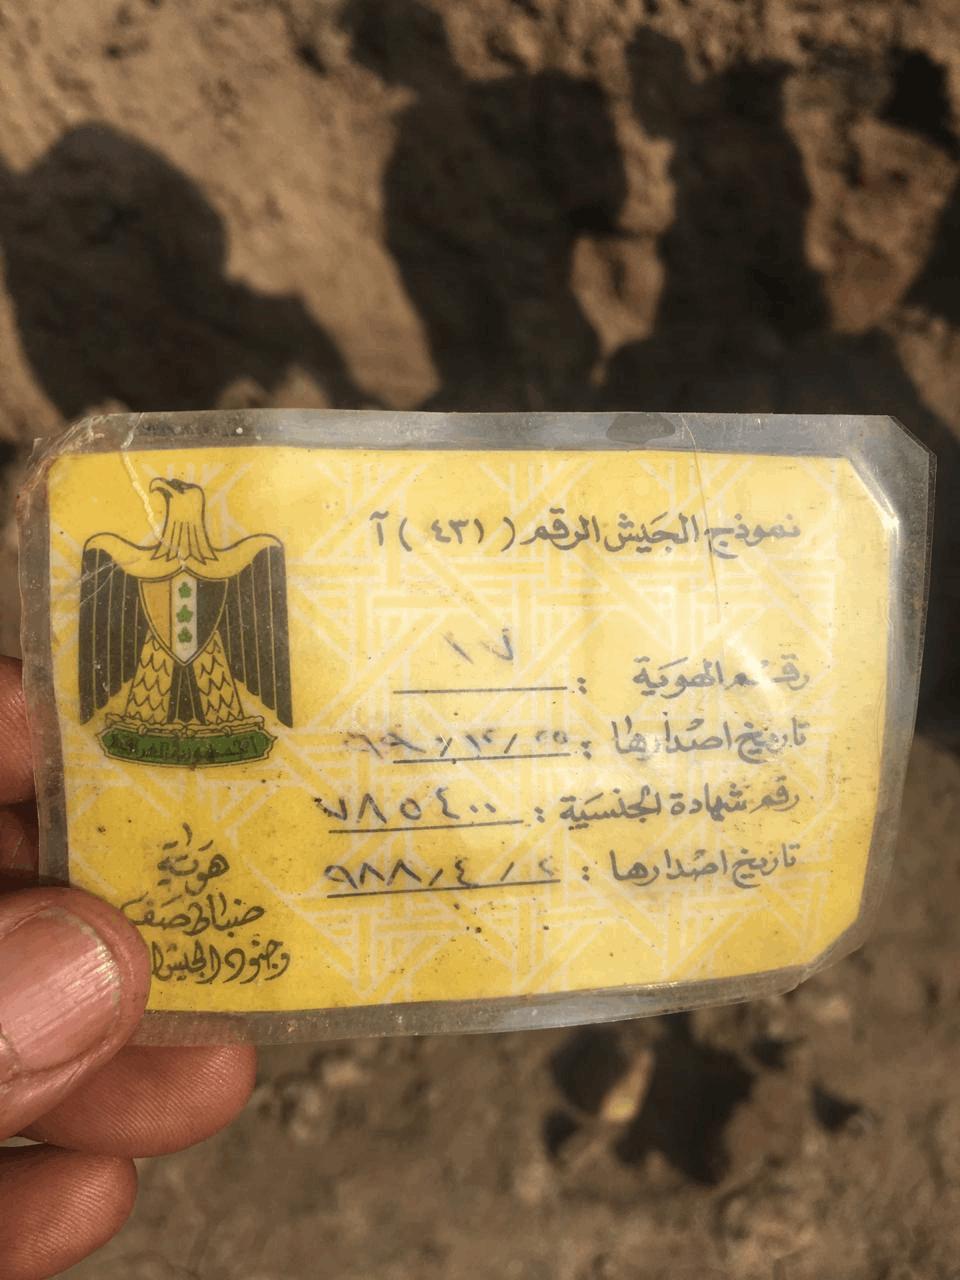 شرطة ذي قار: المقبرة ضمت ثلاث جثث احدها لجندي في الجيش العراقي السابق قتلهم غوغاء 1991